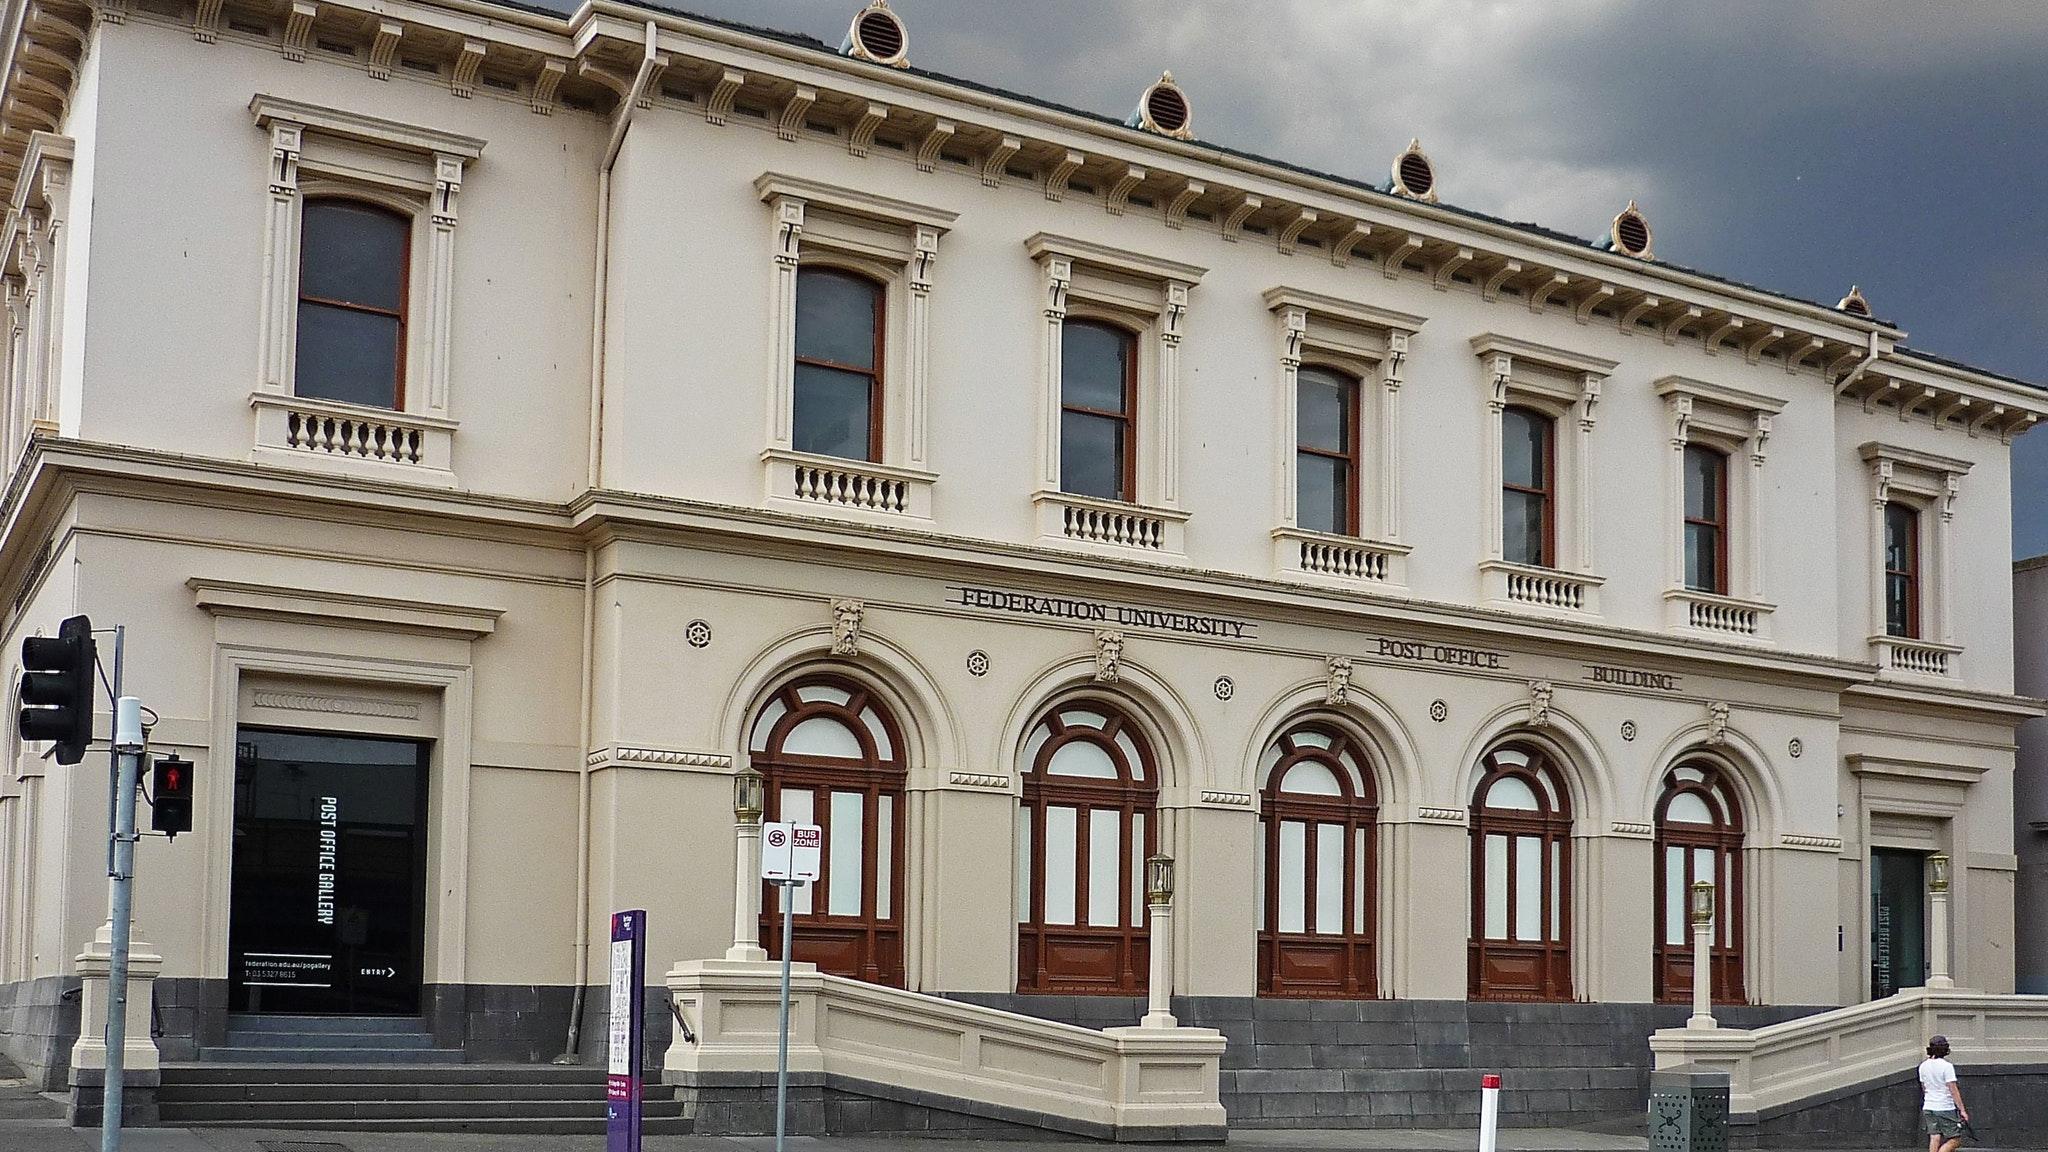 Post Office Gallery, Sturt St, Ballarat